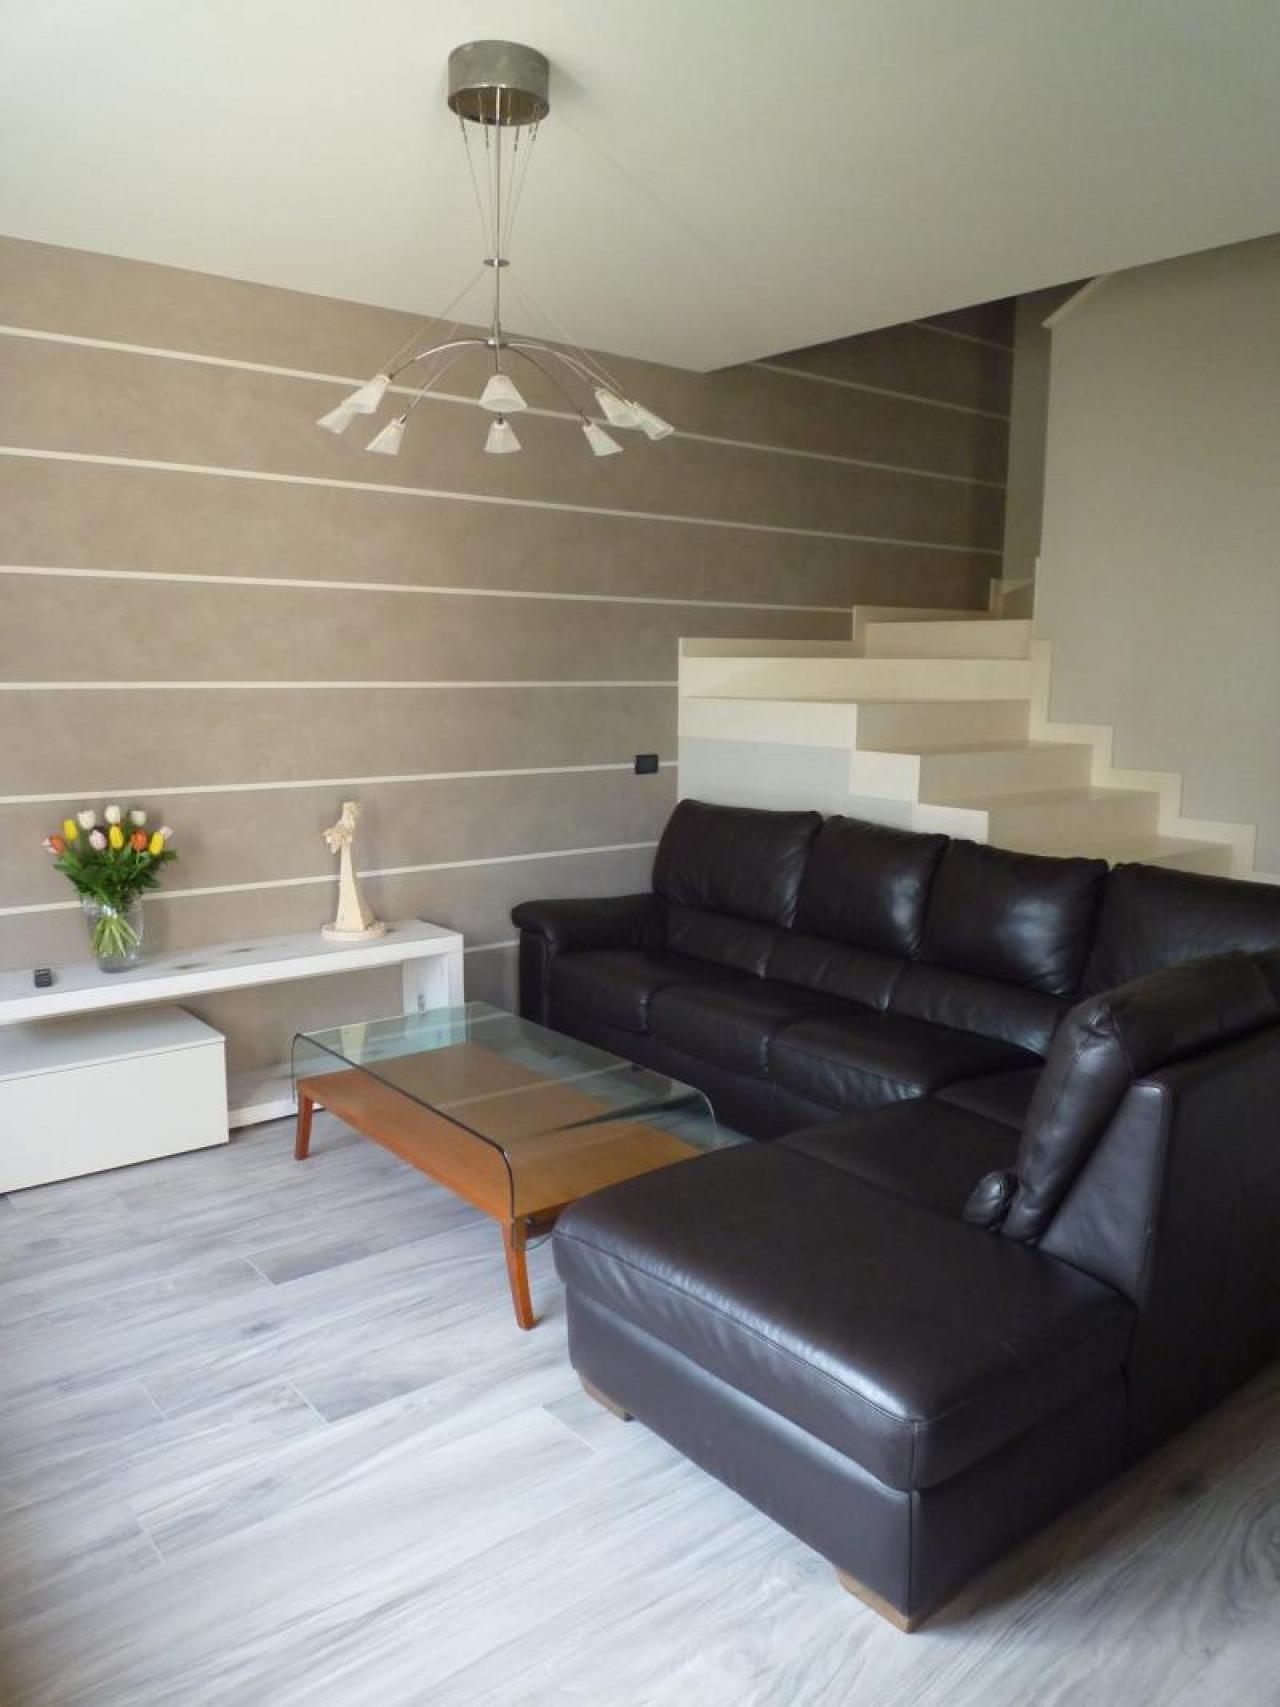 Bagno Moderno Con Pavimento Effetto Legno.Gres Effetto Legno Moderno Posa In Una Casa A Vicenza